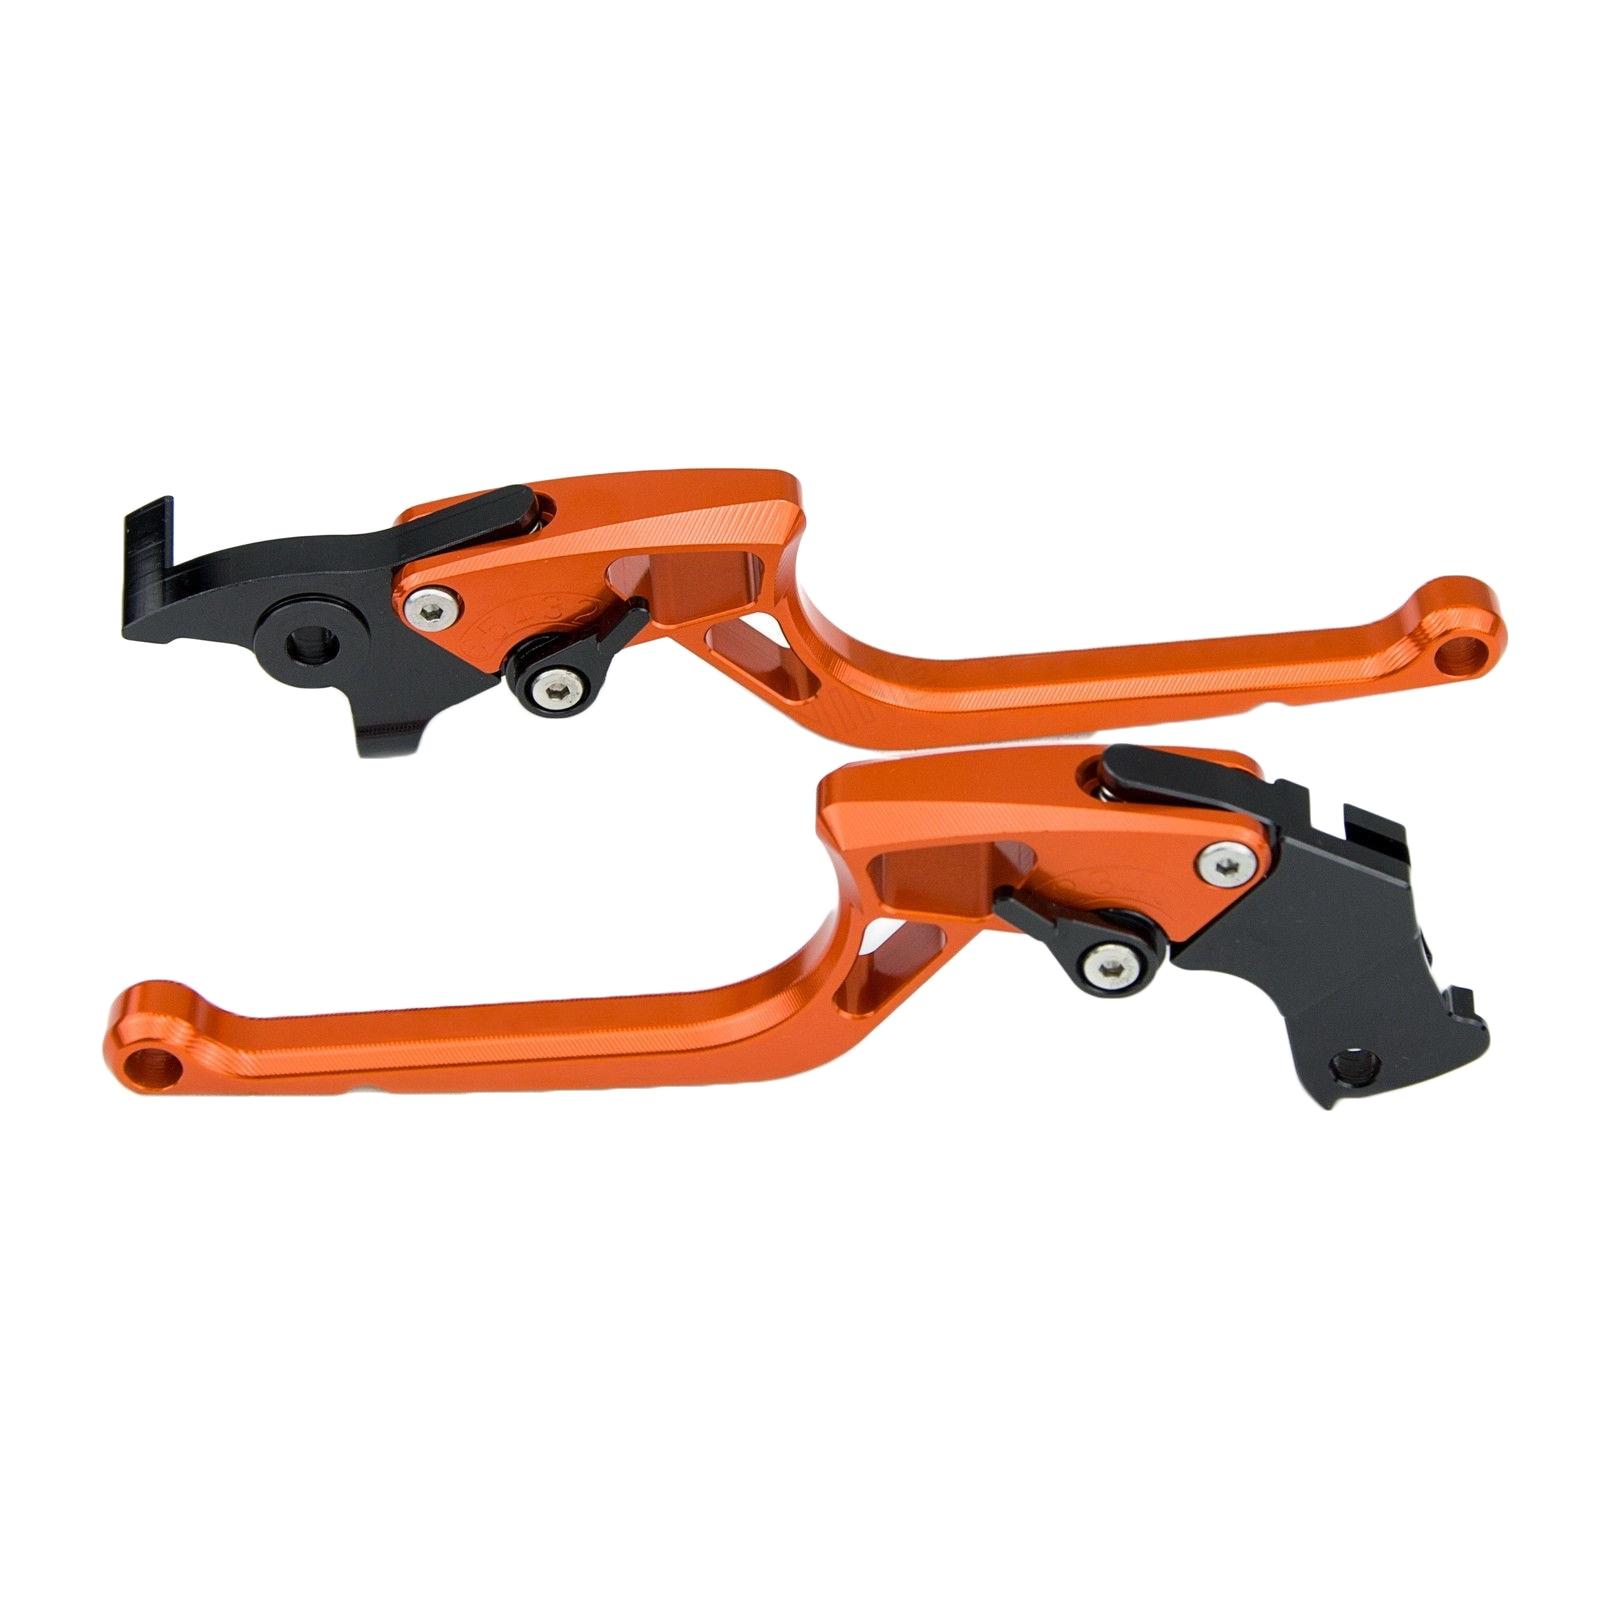 ktm chains orange-acquista a poco prezzo ktm chains orange lotti